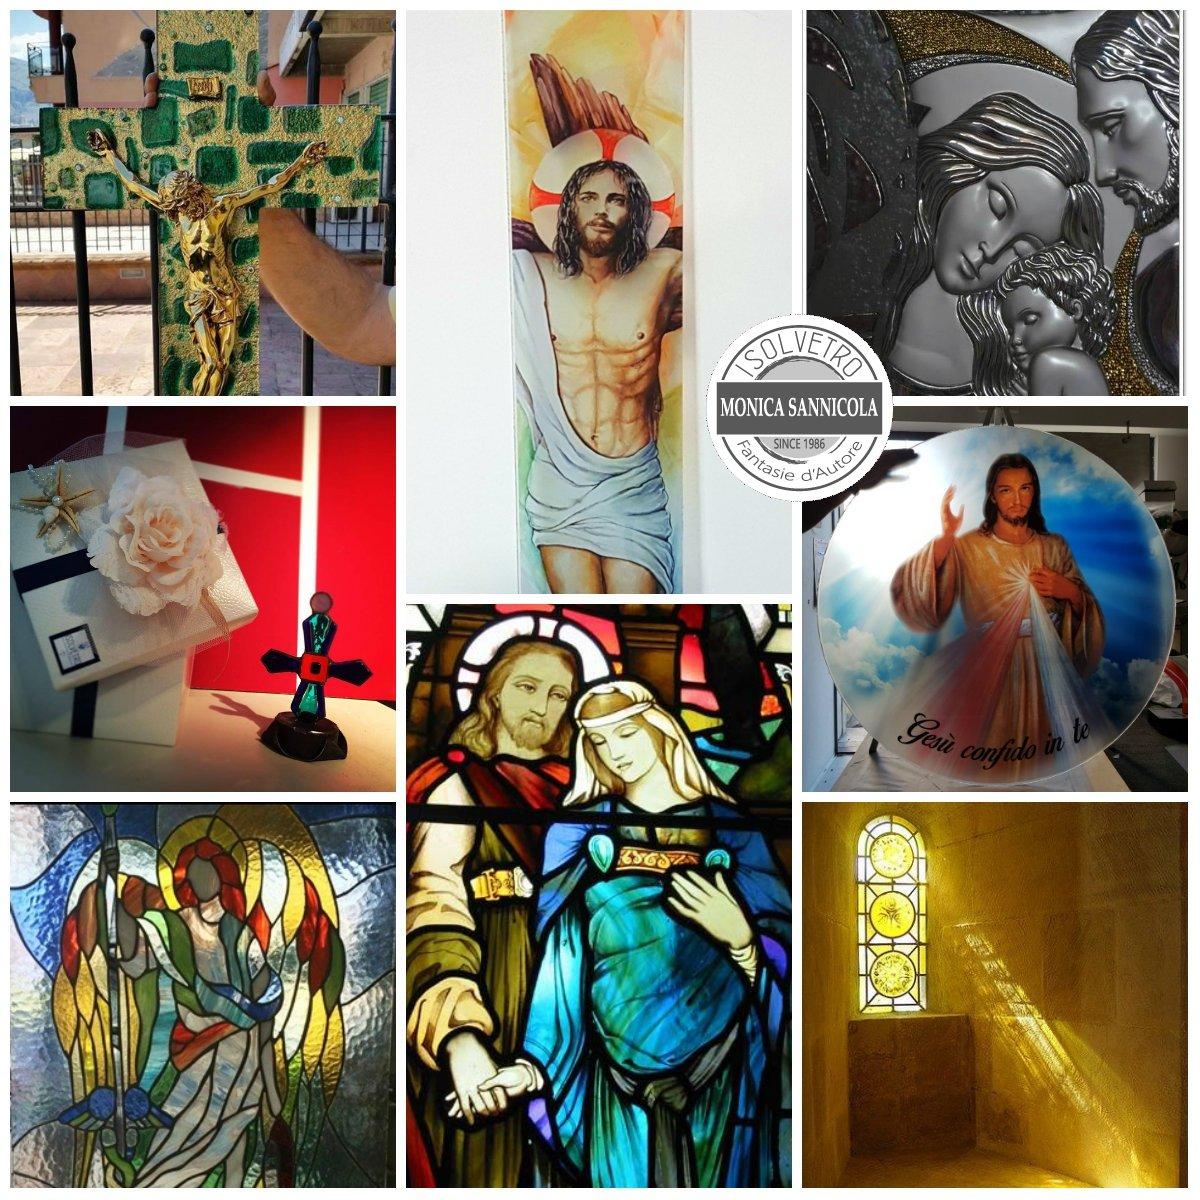 vetrate colorate con immagini sacre, croci e sacri